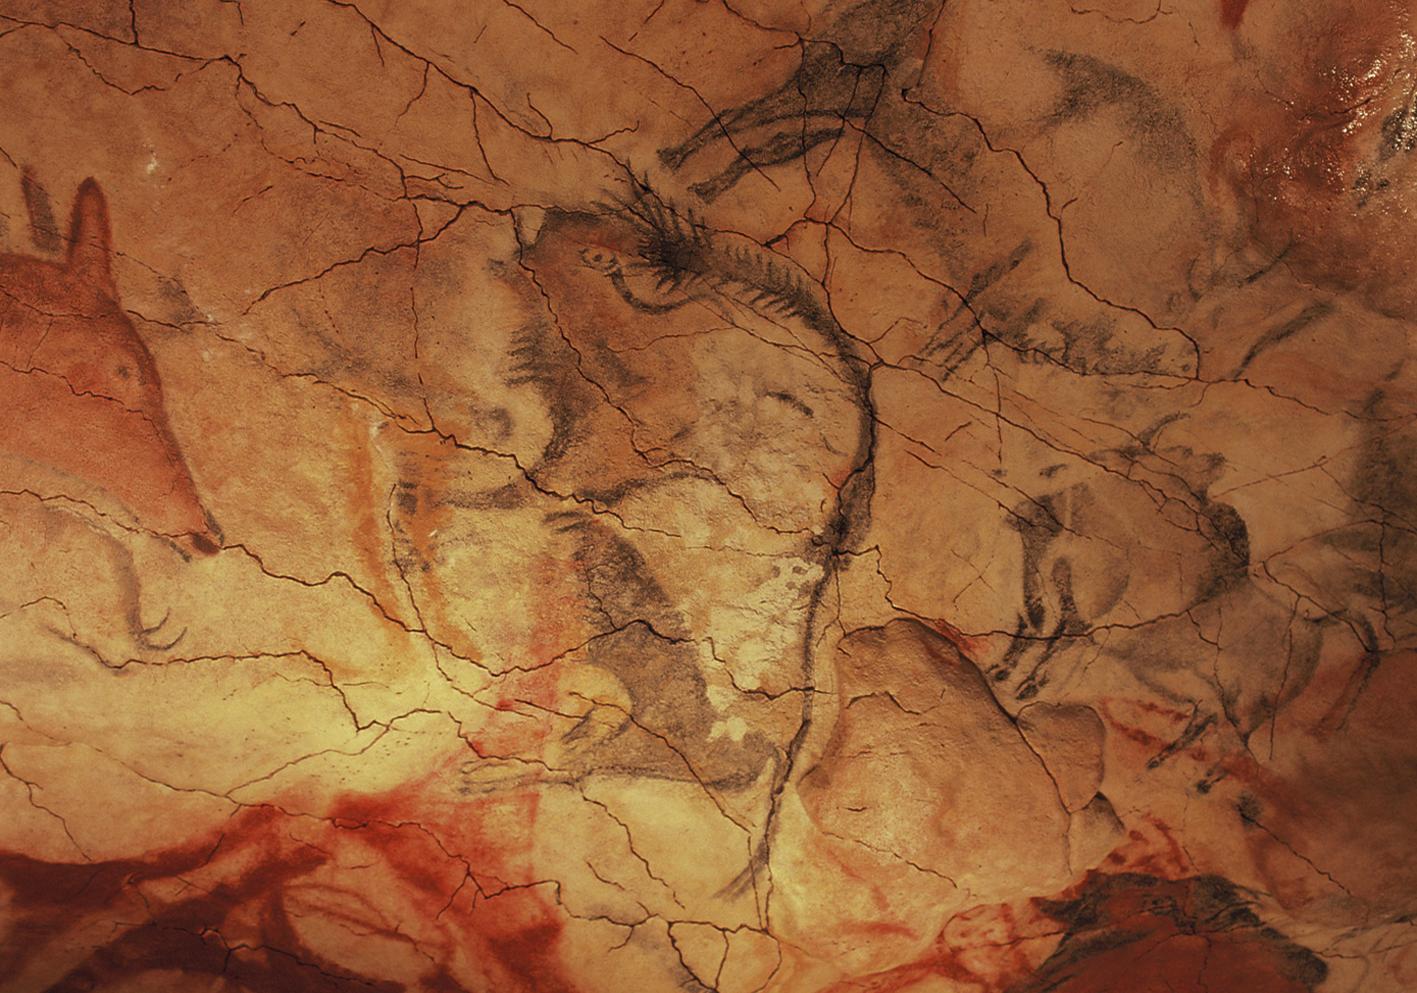 Pinturas rupestres de la cueva de Altamira